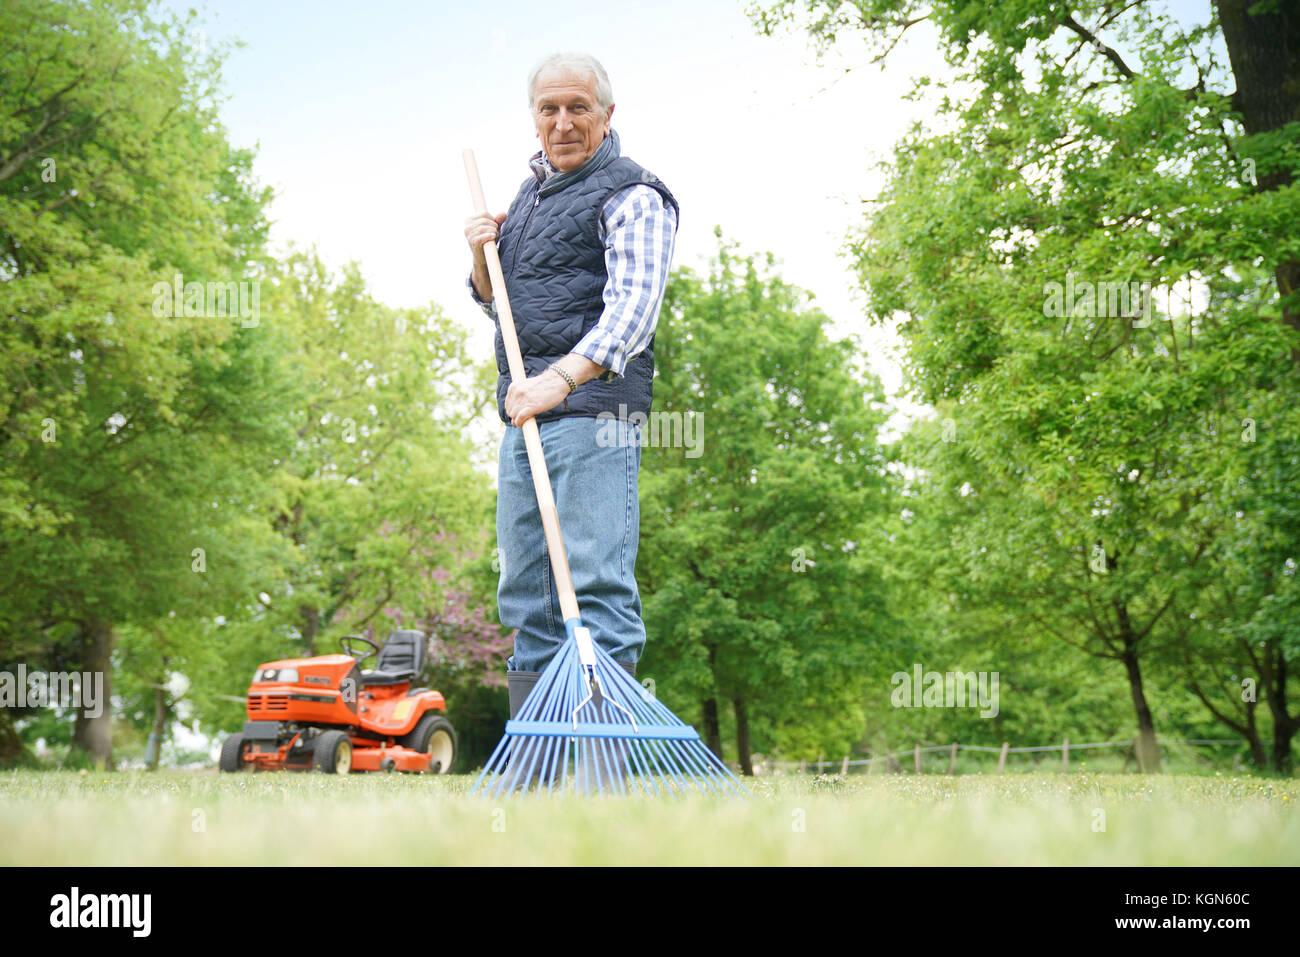 Hombre senior en jardín de césped limpieza con rastrillo Imagen De Stock